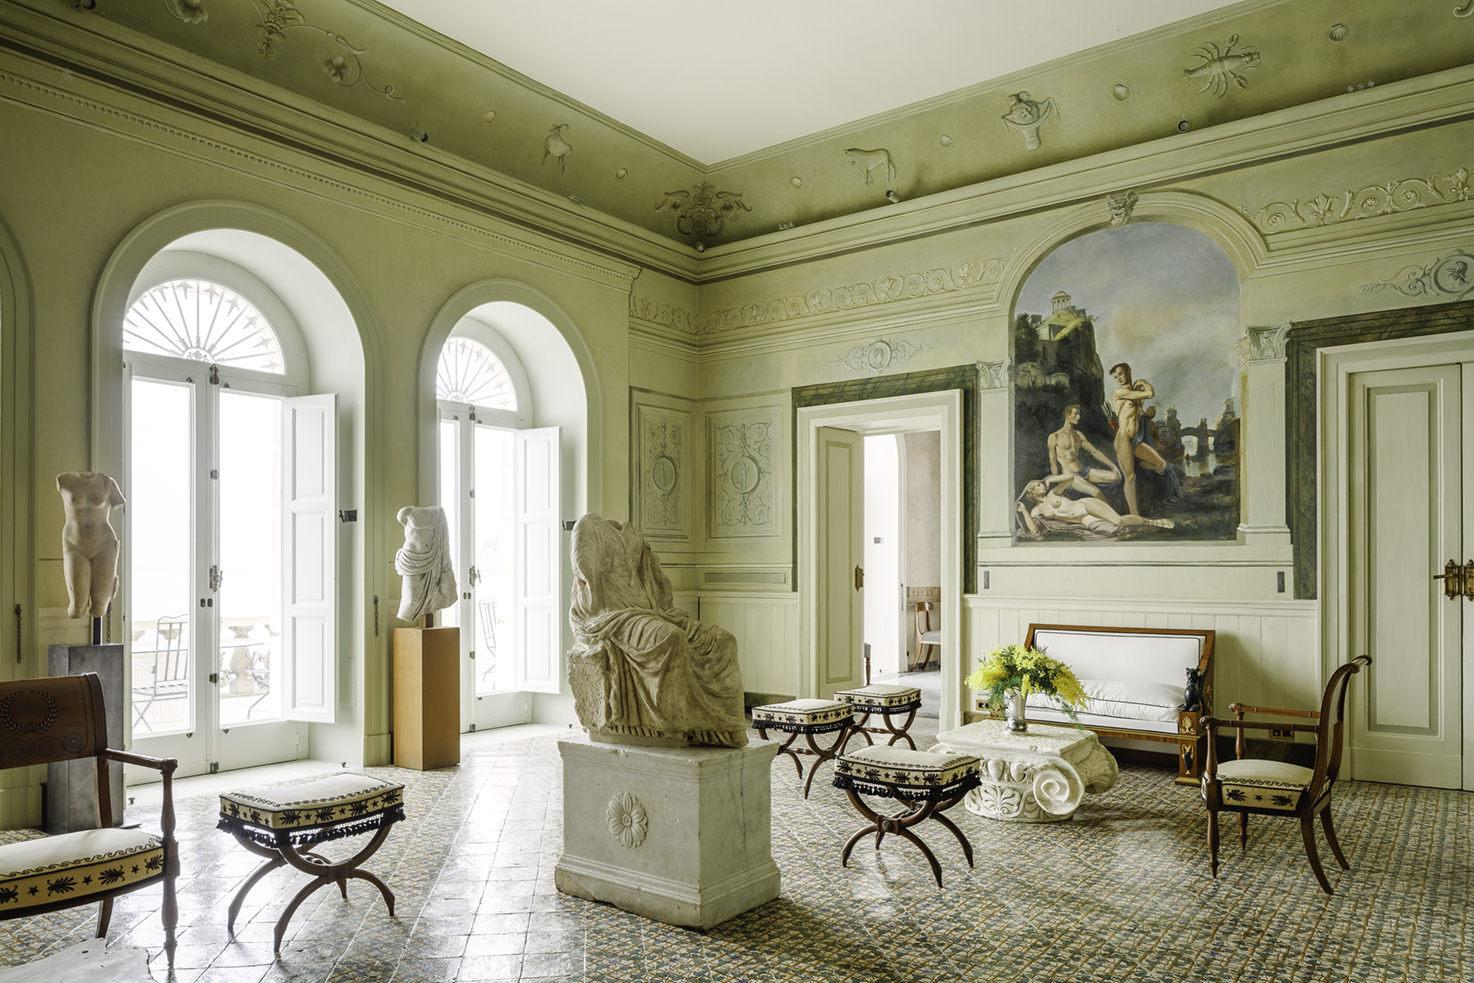 Green Hall of Villa Astor